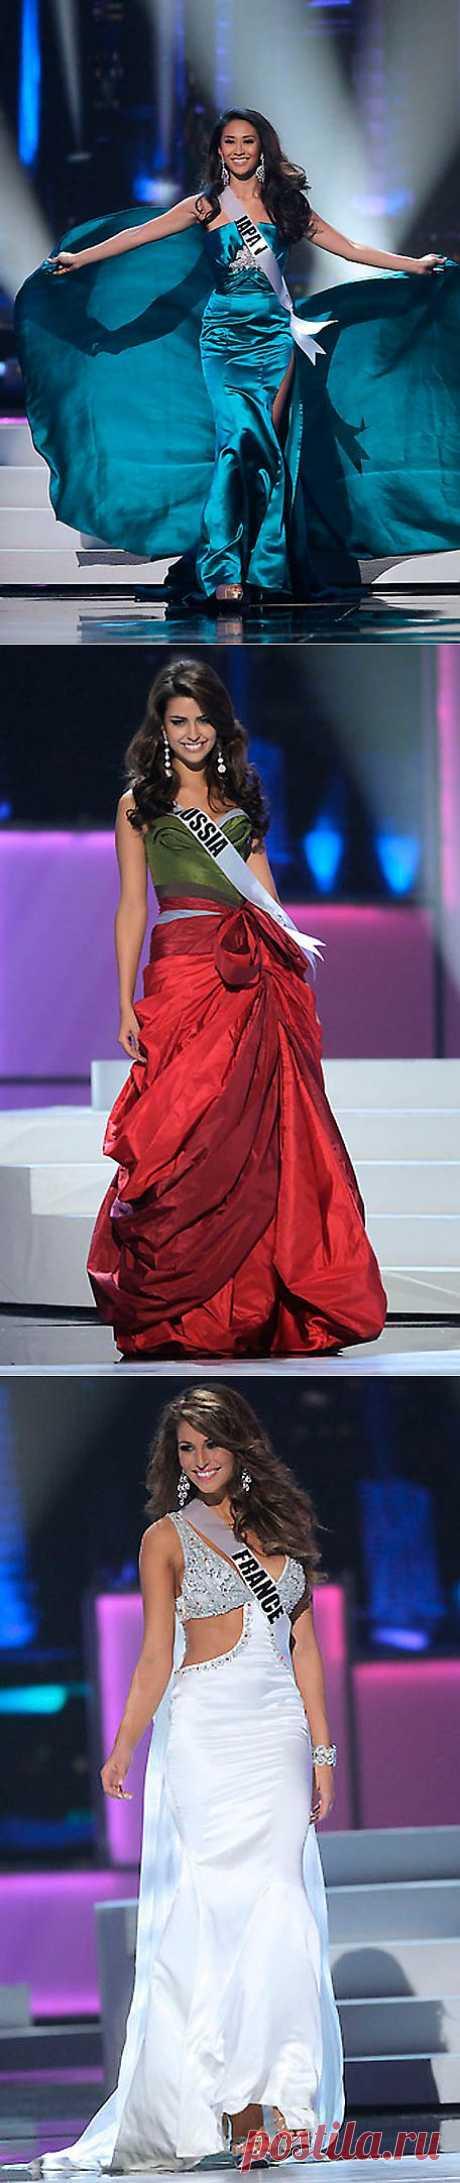 Предварительный отбор конкурса Мисс Вселенная 2011 : НОВОСТИ В ФОТОГРАФИЯХ